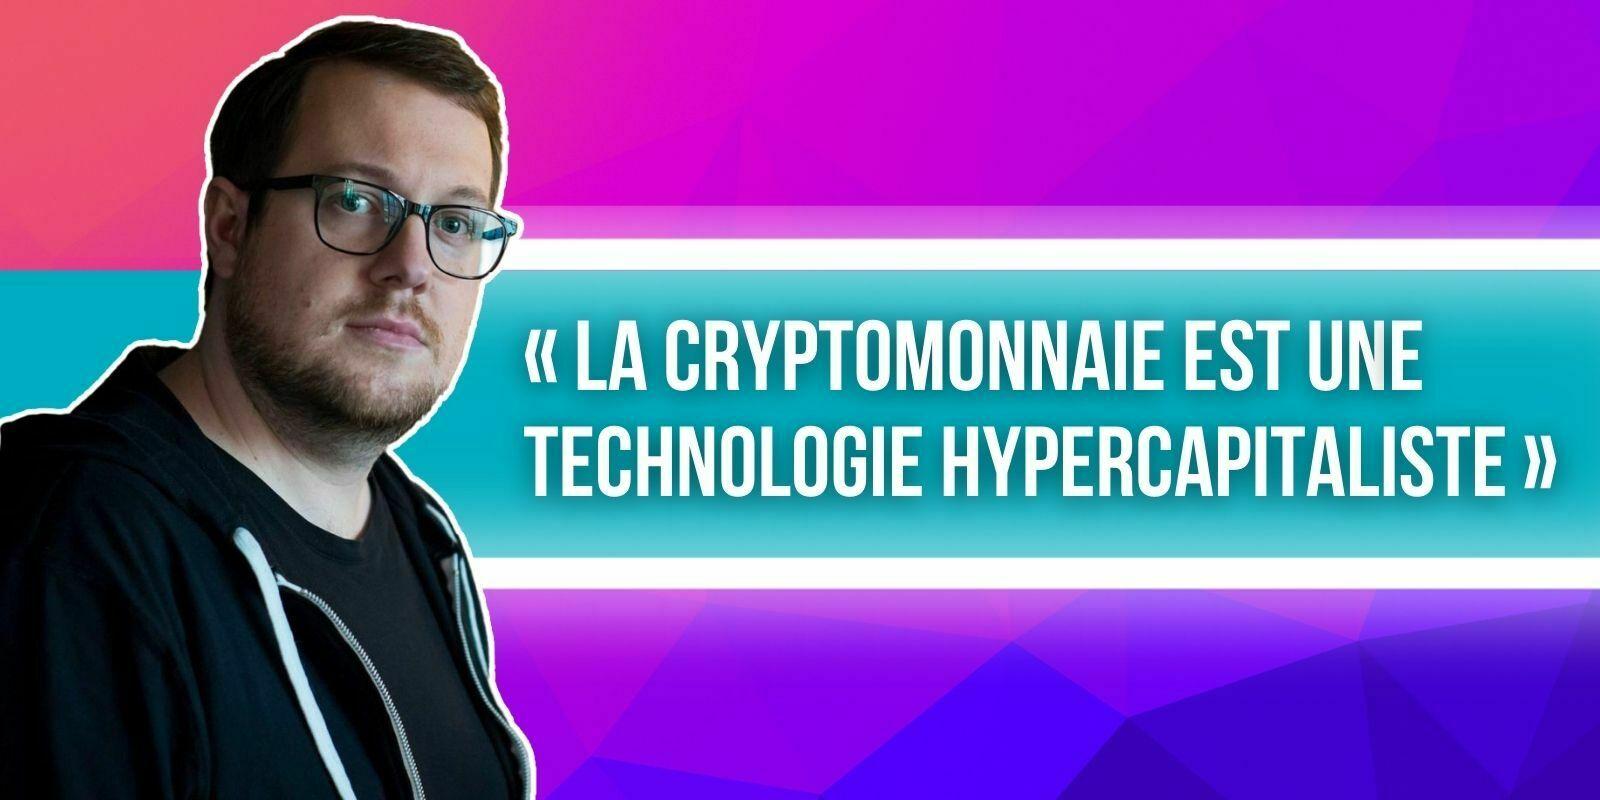 Le co-créateur de Dogecoin (DOGE) accuse les cryptomonnaies de « soutirer de l'argent aux gens naïfs »